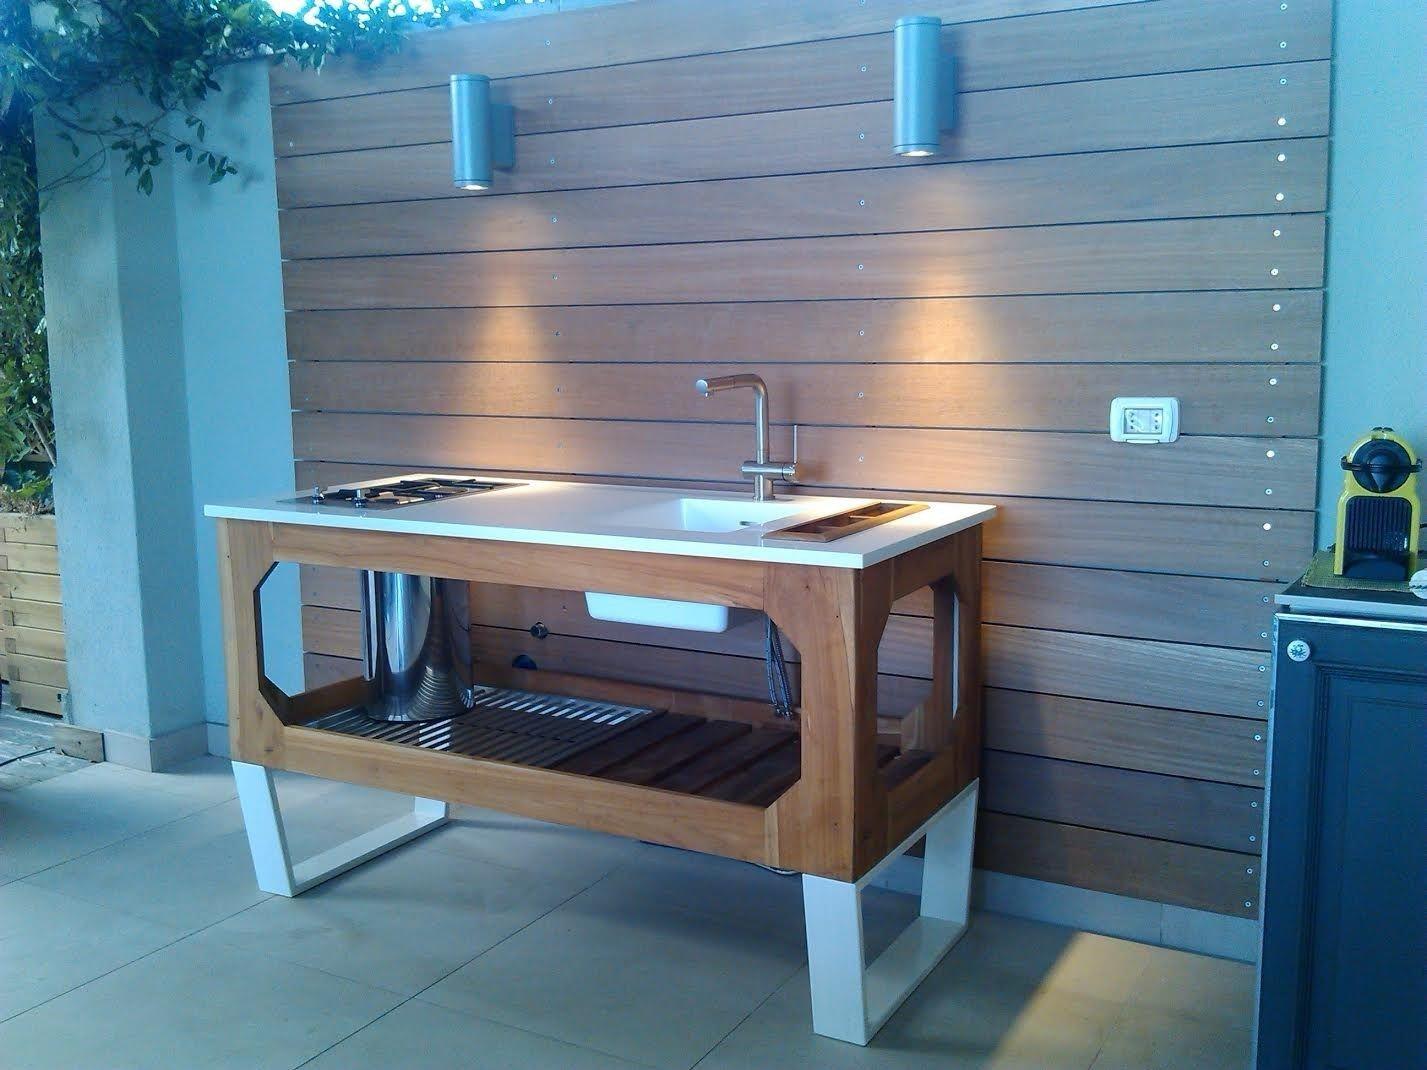 Window, la cucina Lgtek per outdoor e indoor